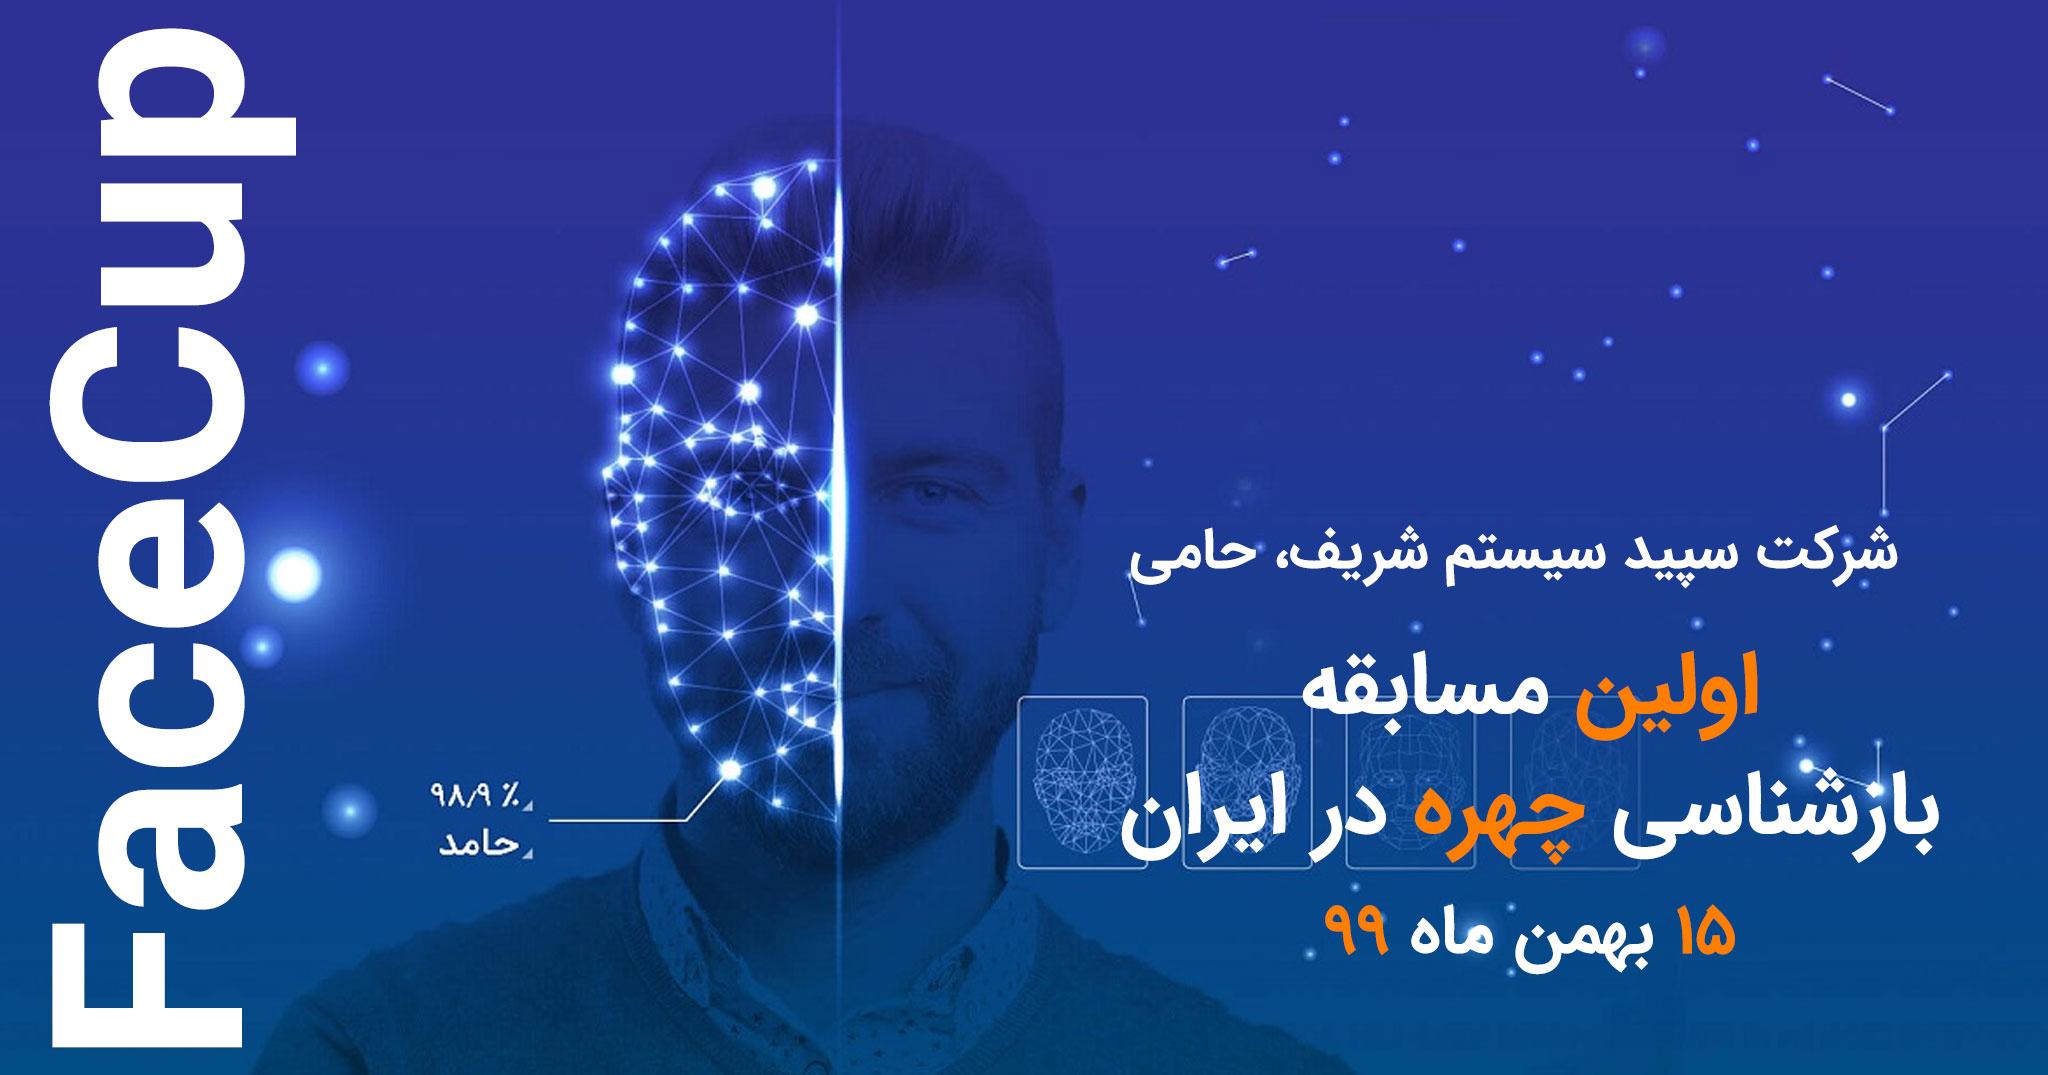 حمایت سپید سیستم شریف از اولین مسابقه بازشناسی چهره FaceCup